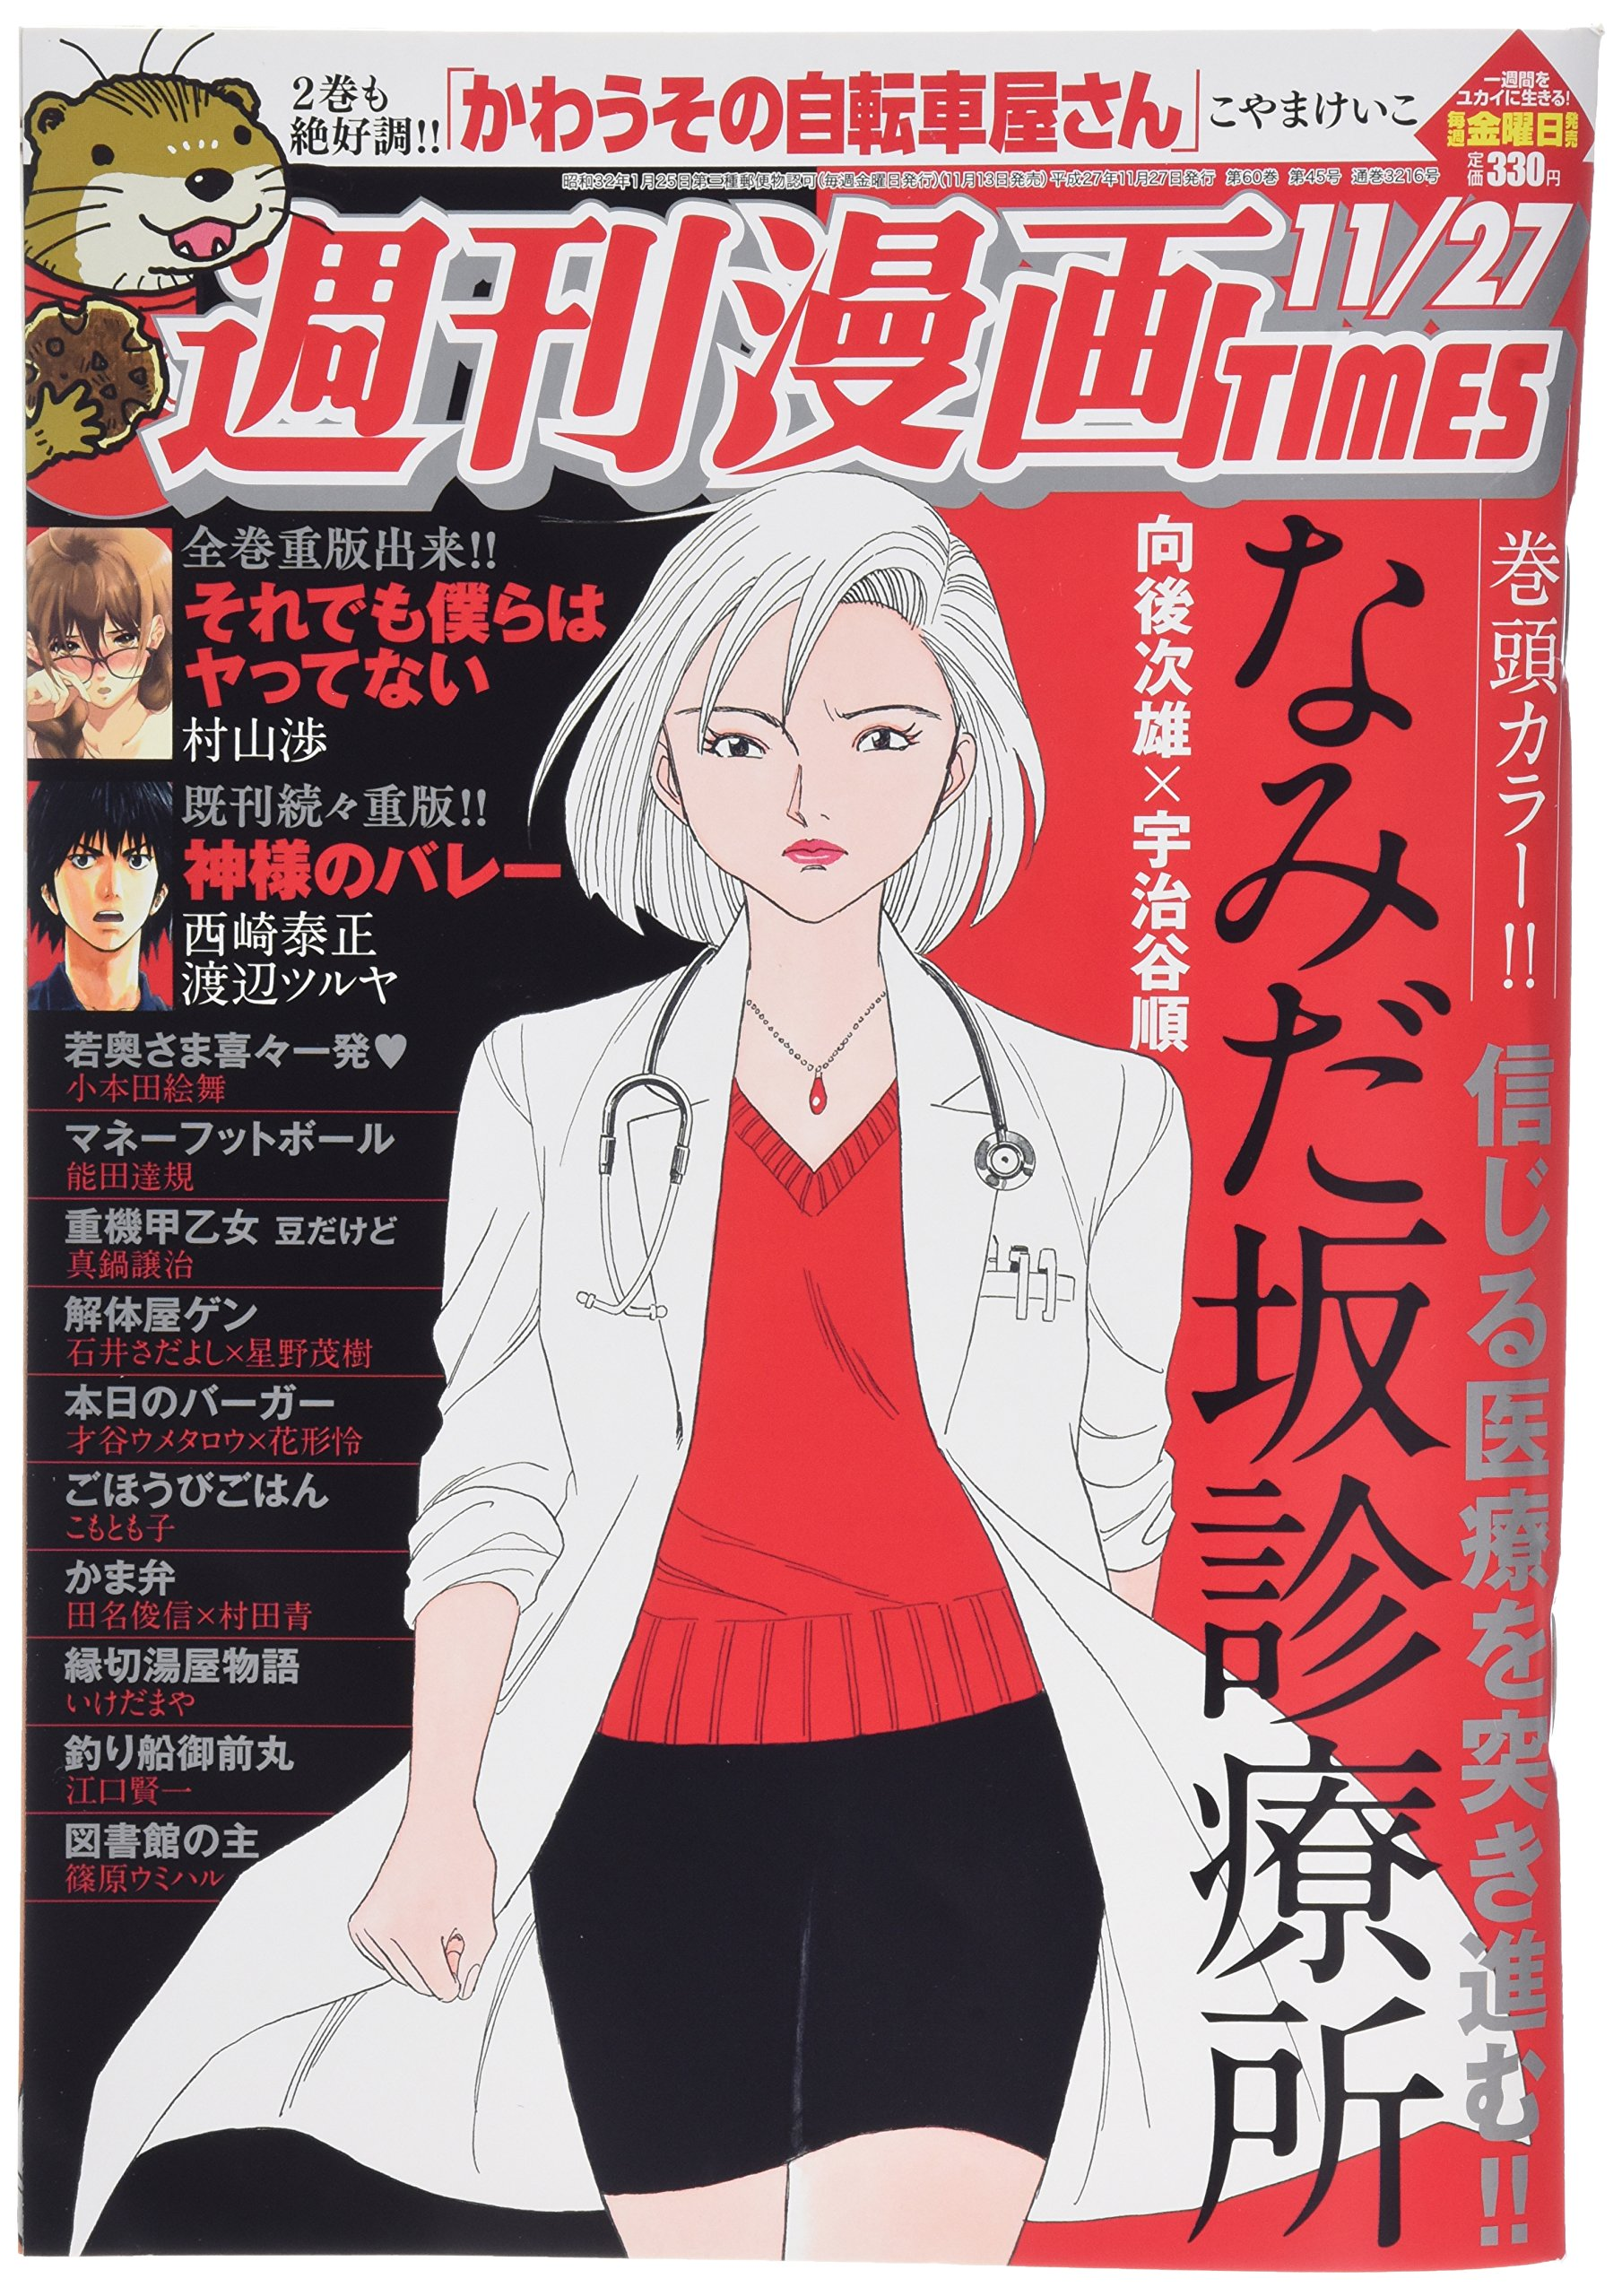 週刊漫画TIMES 2015年 11/27号